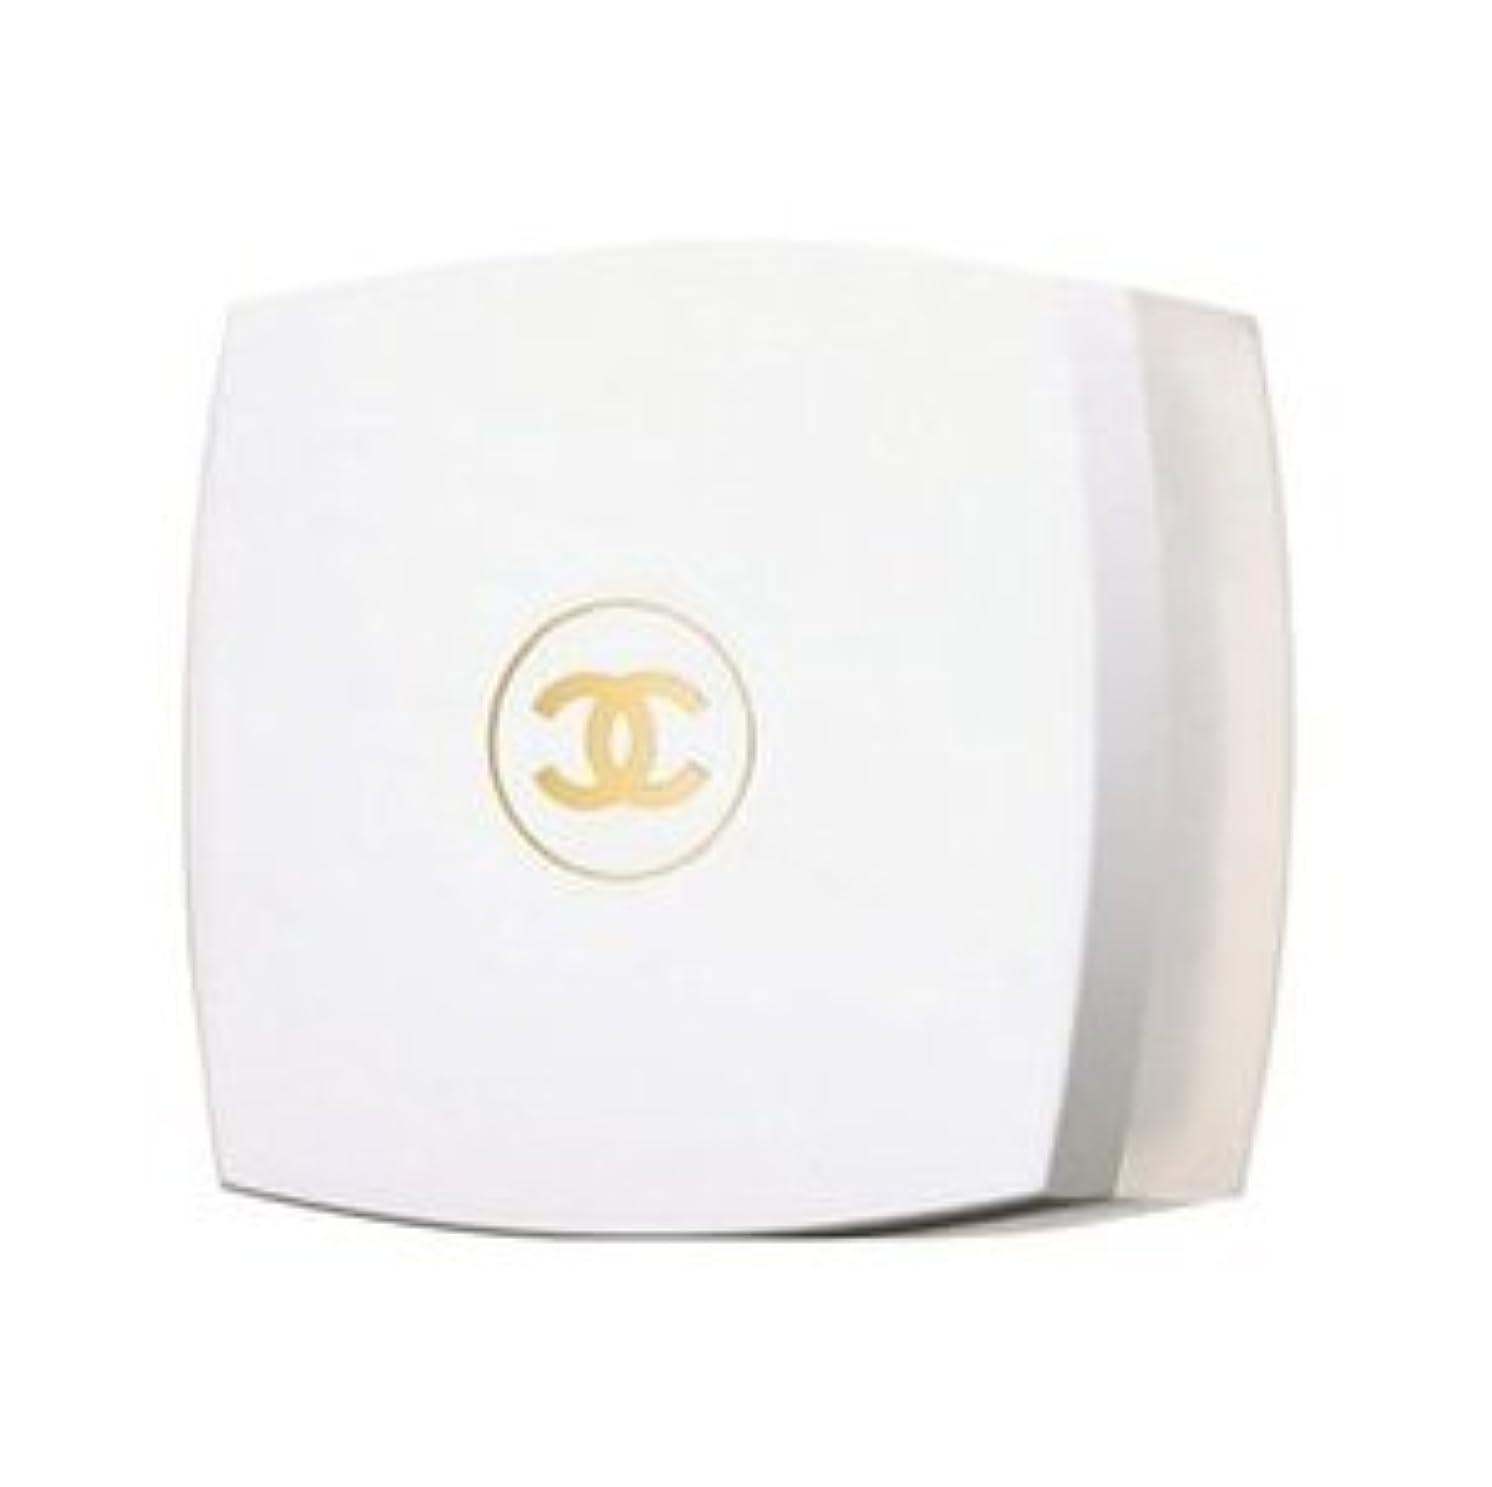 和概念繊毛シャネル CHANEL ココ マドモアゼル フレッシュ ボディ クリーム 150g